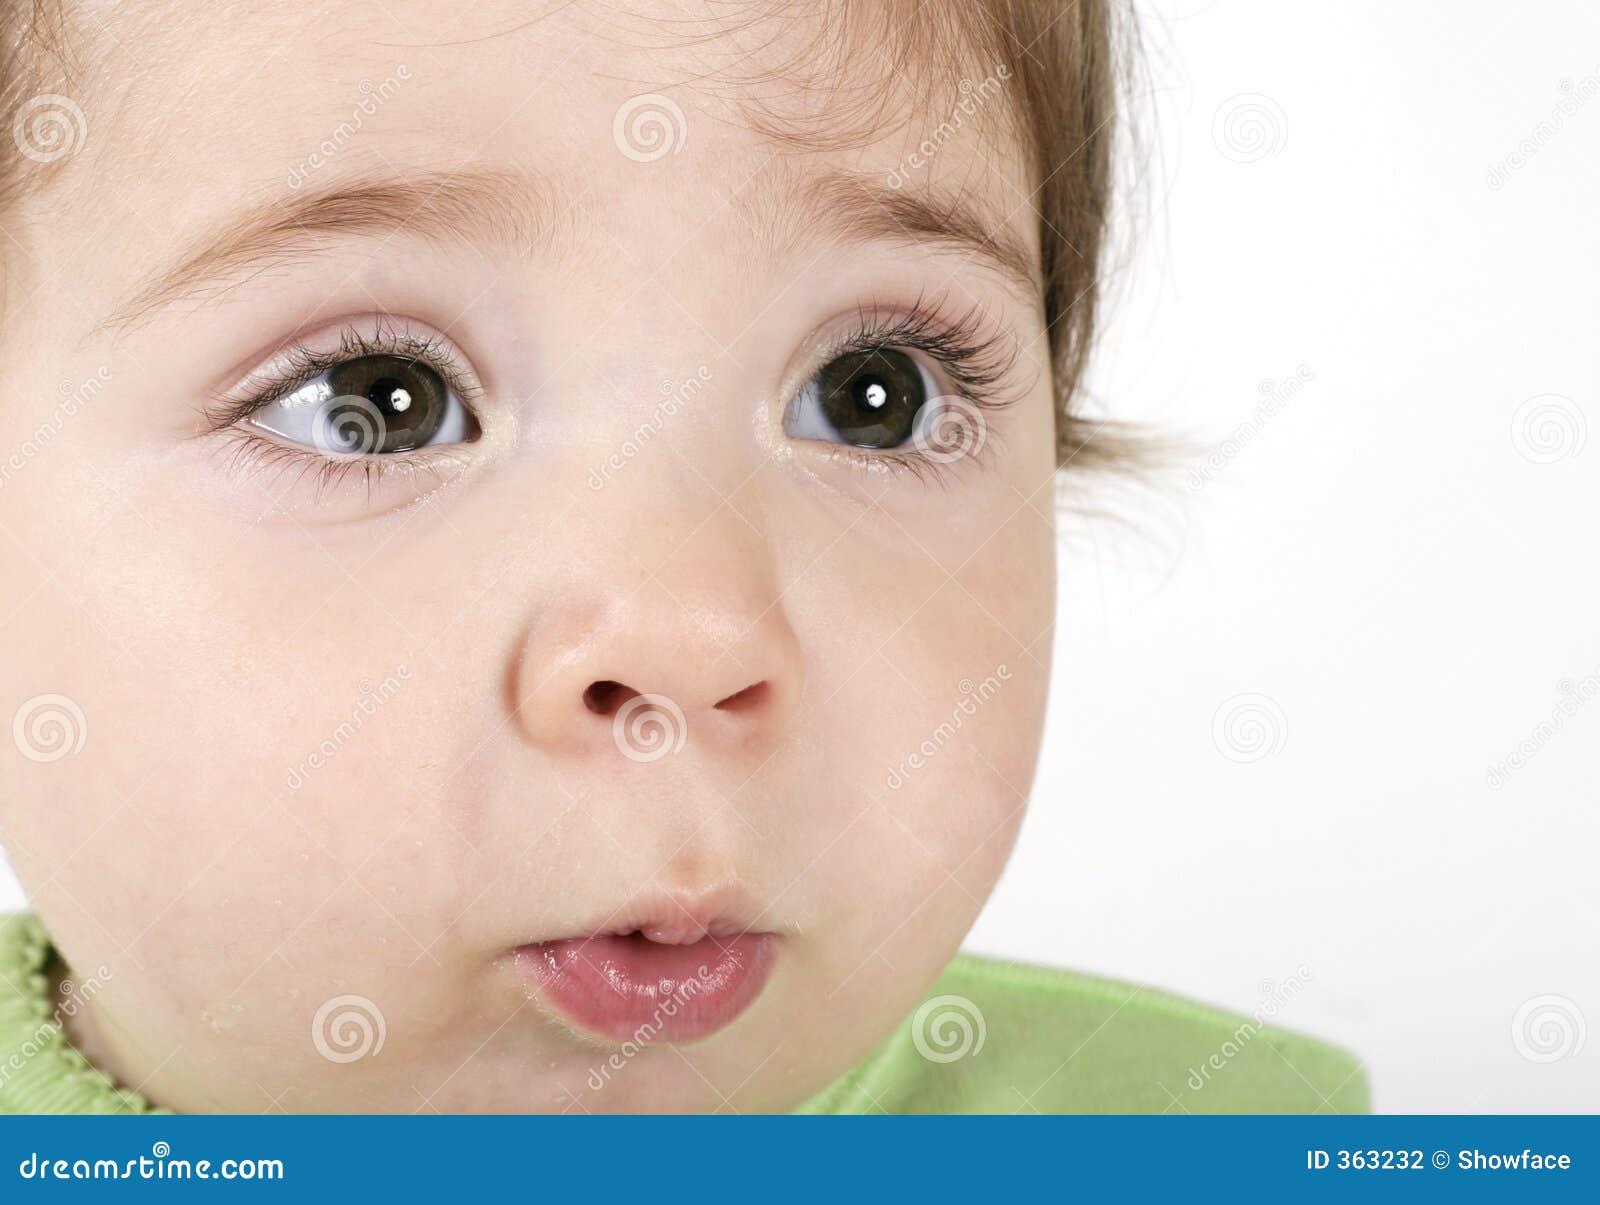 Dziecko ekspresyjna twarz